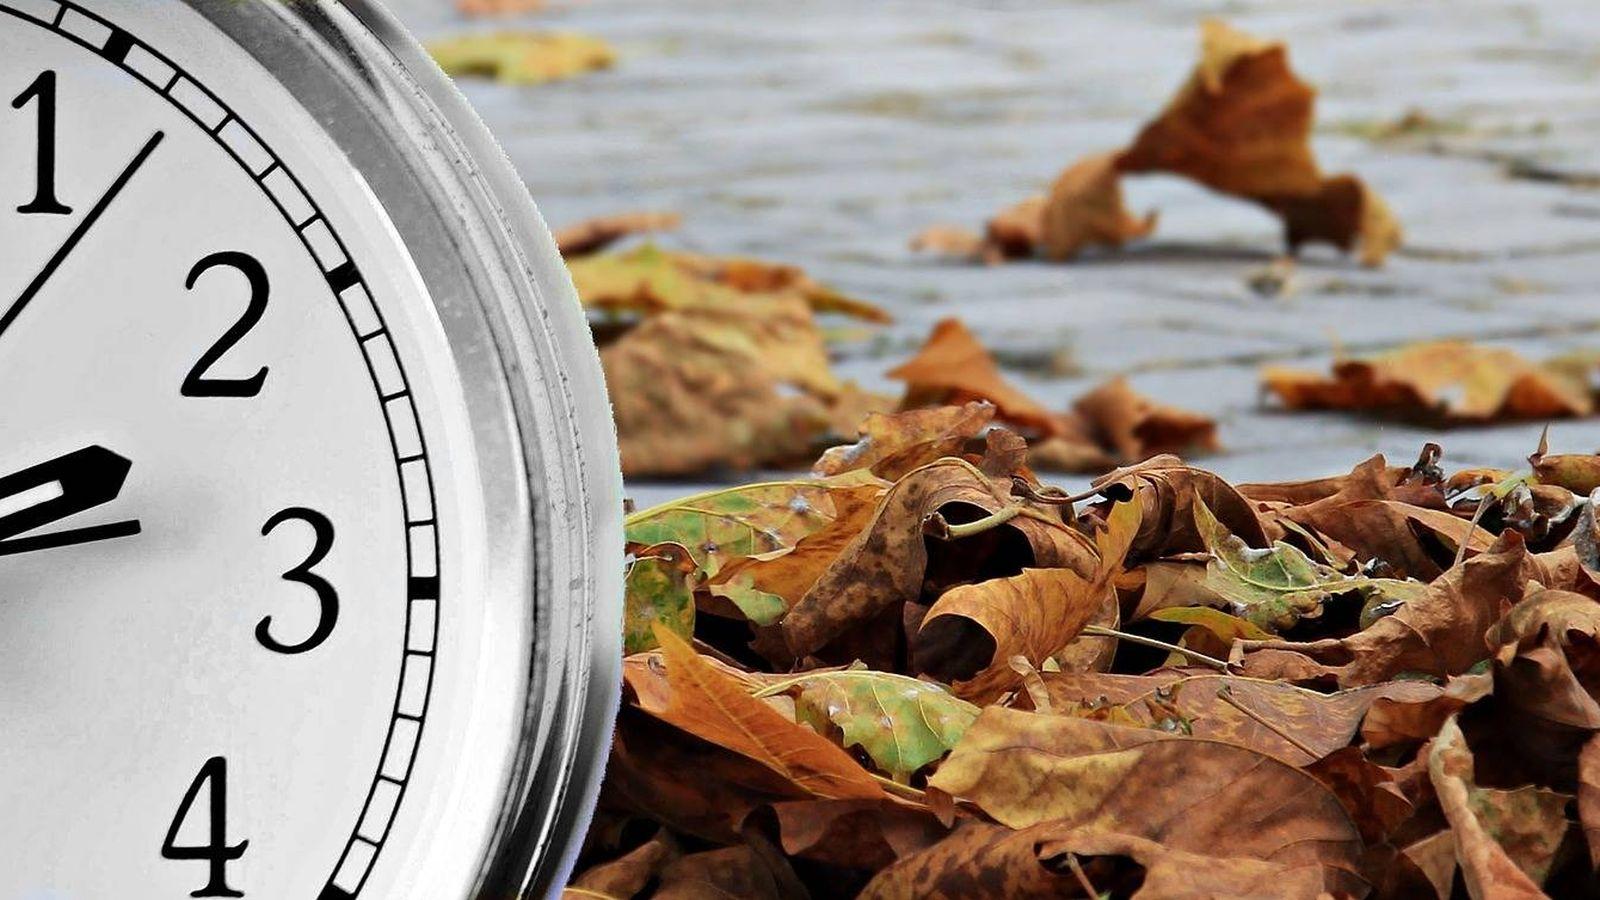 Foto: El horario de invierno llega a la vez en toda Europa (Pixabay)